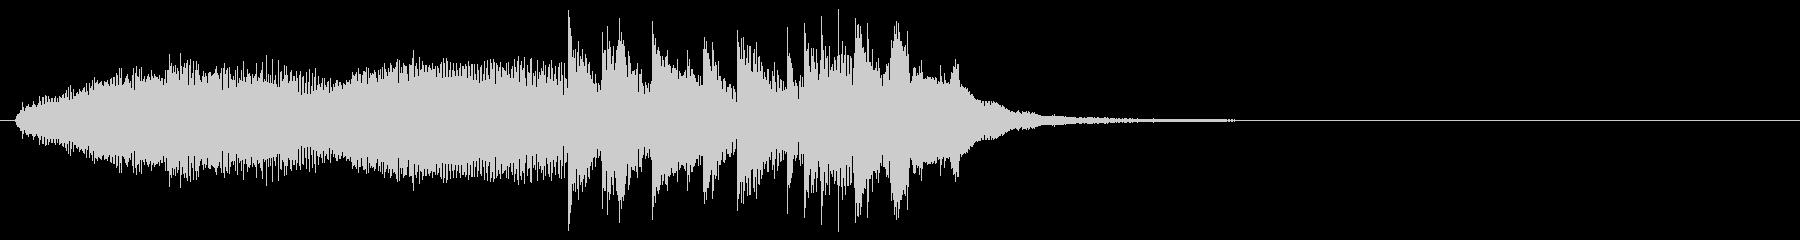 場面転換 クール 機械的 ニュースの未再生の波形